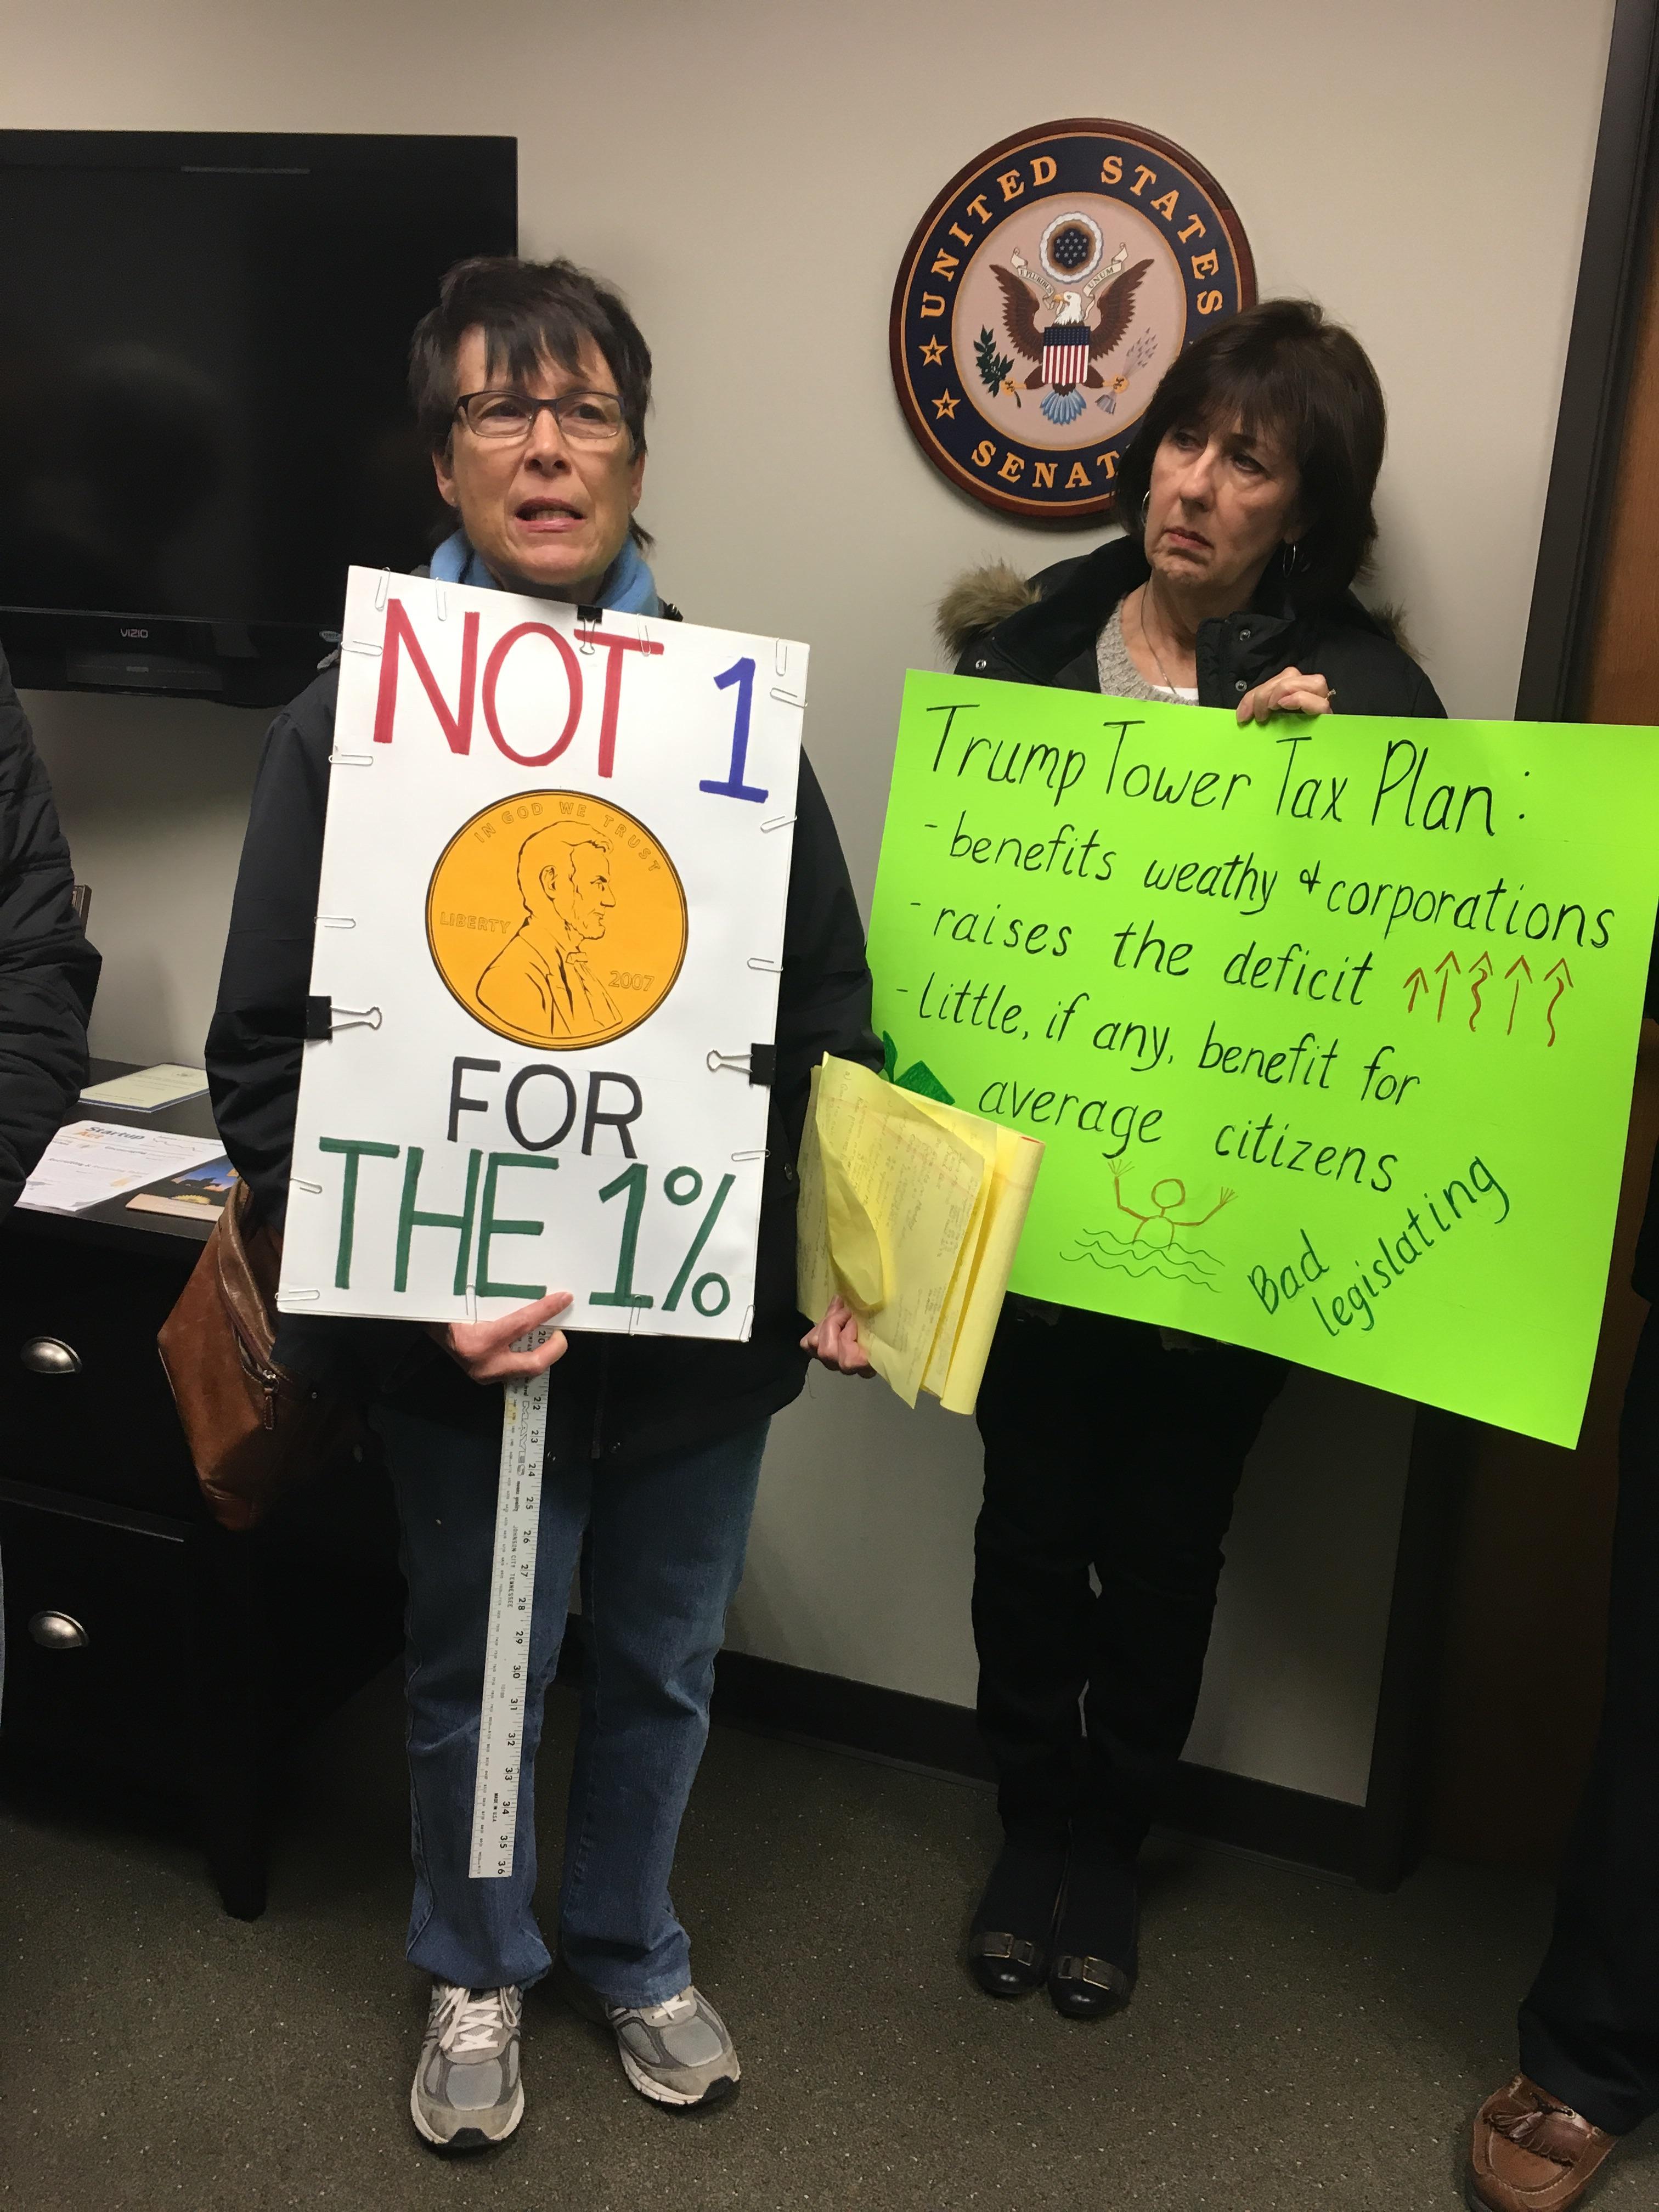 Moran Tax Cuts